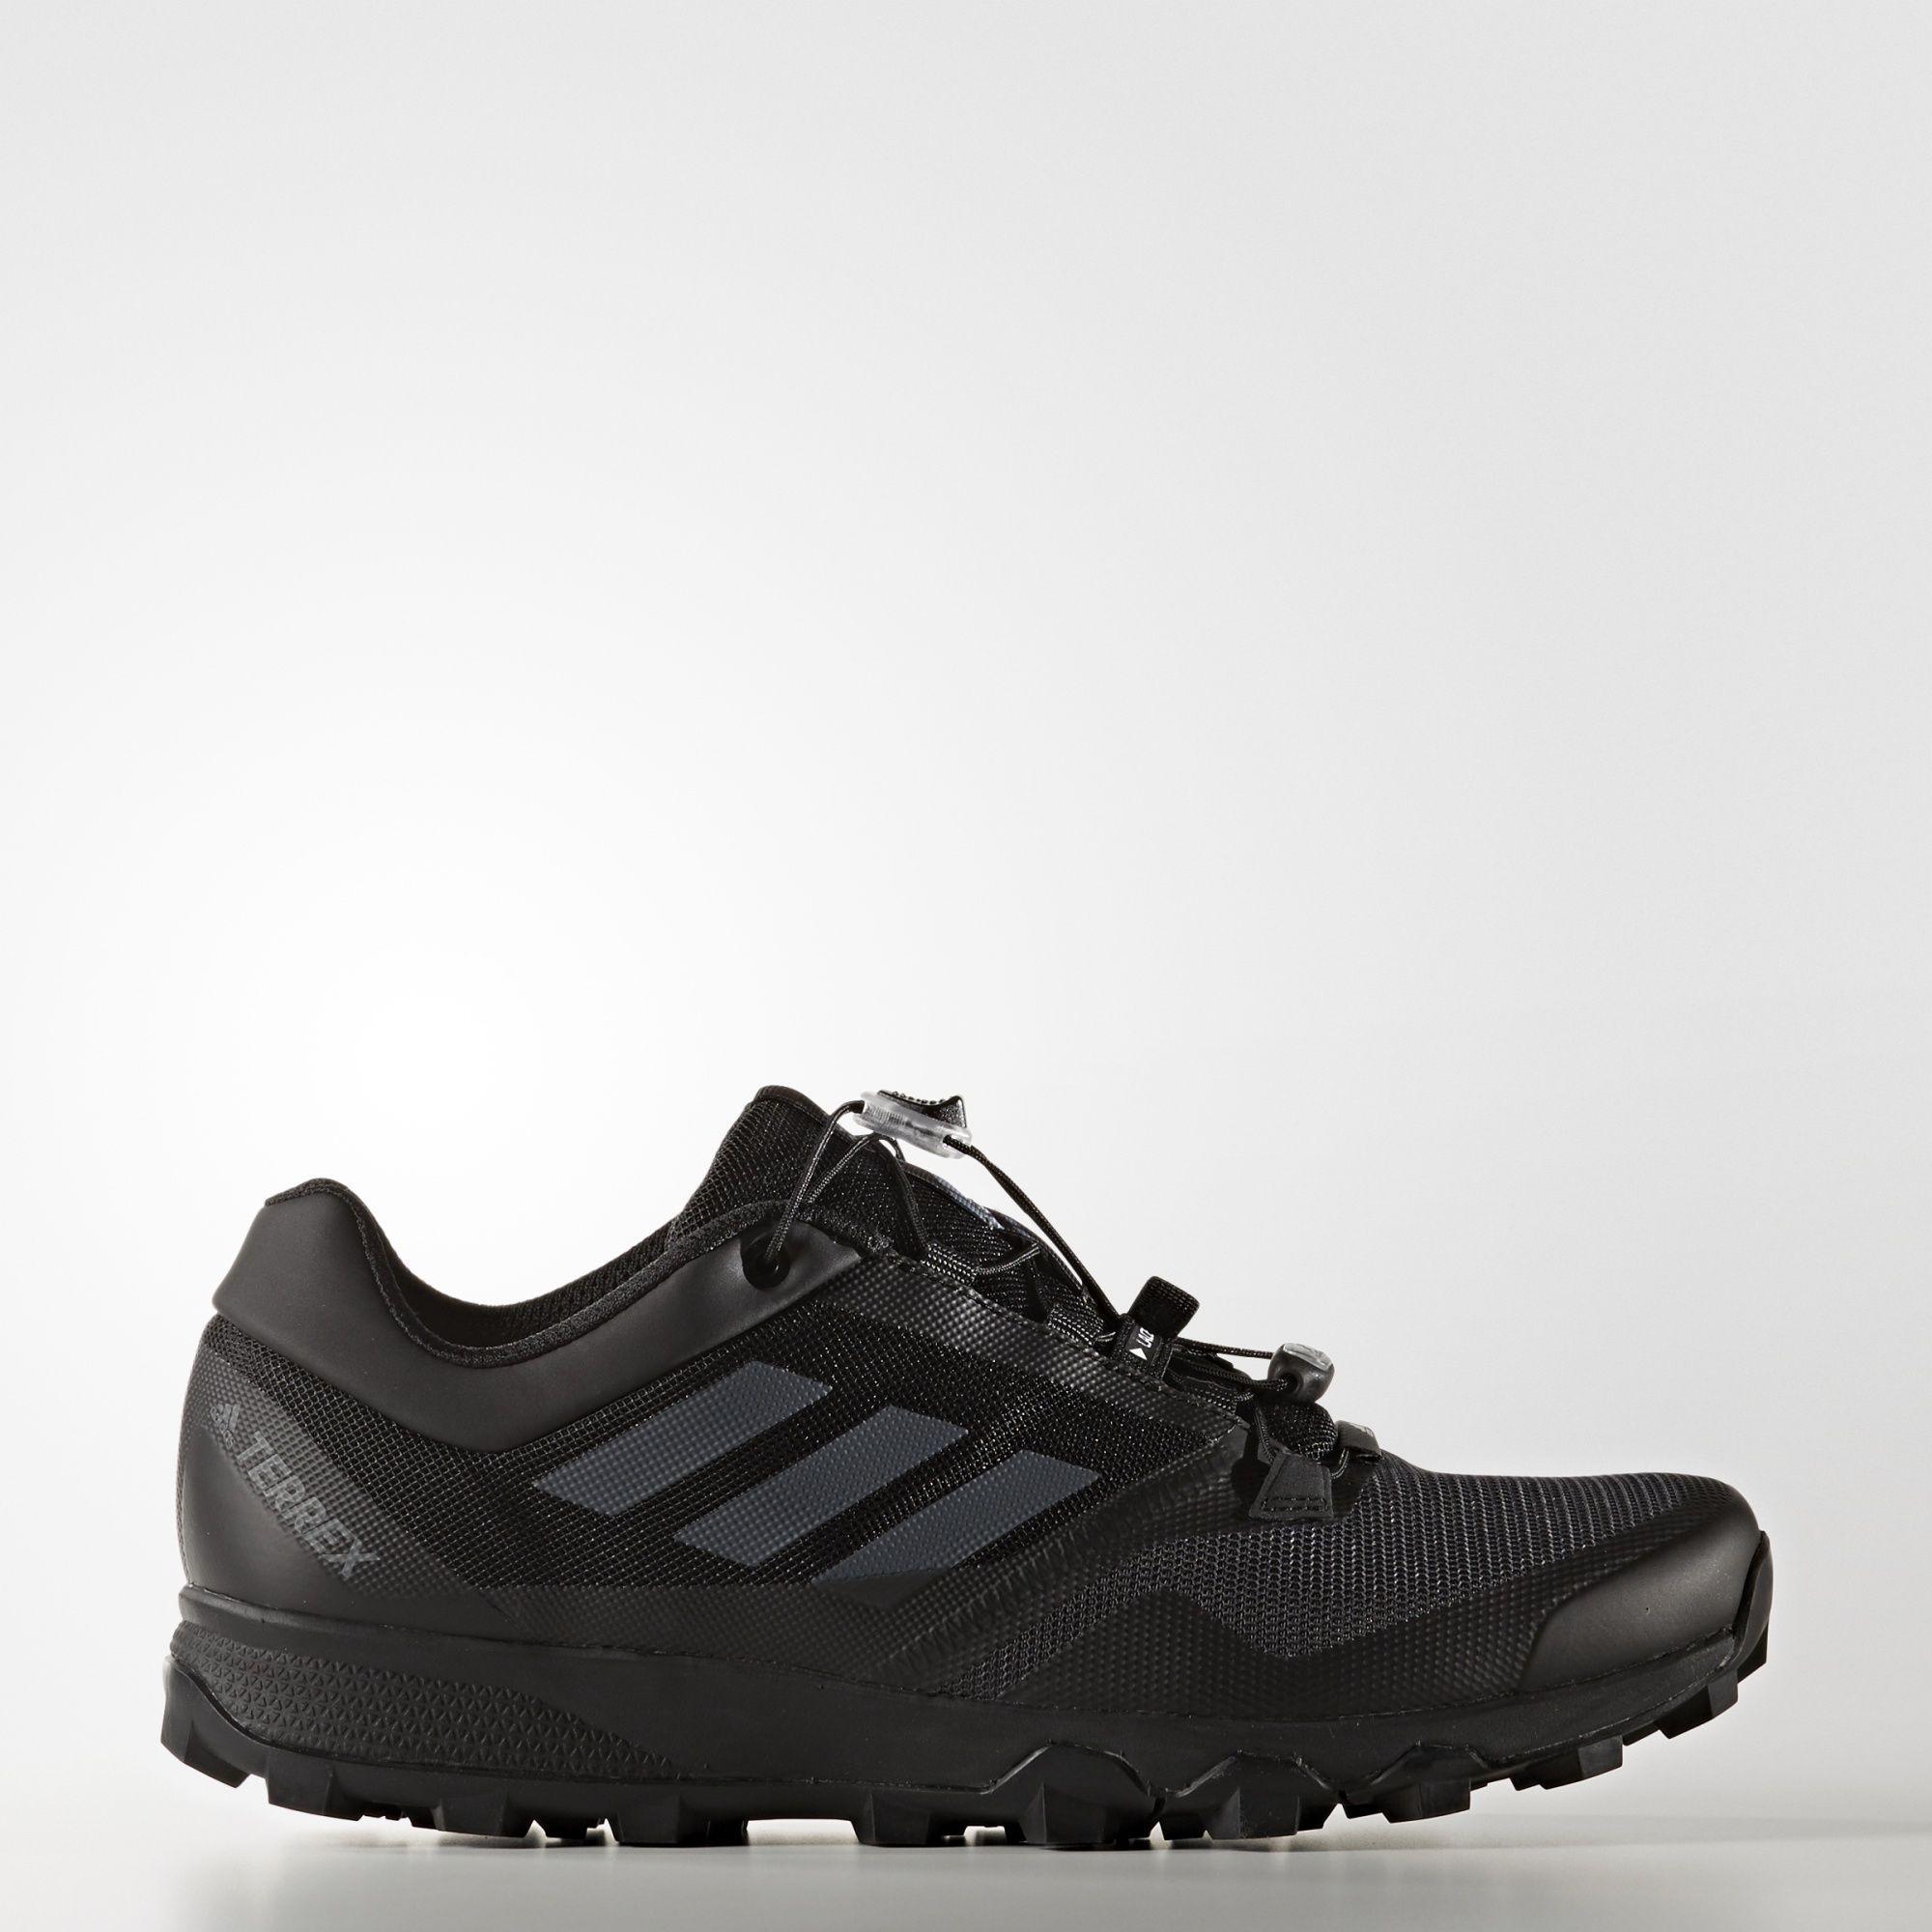 Herren TERREX Trail Maker Schuh